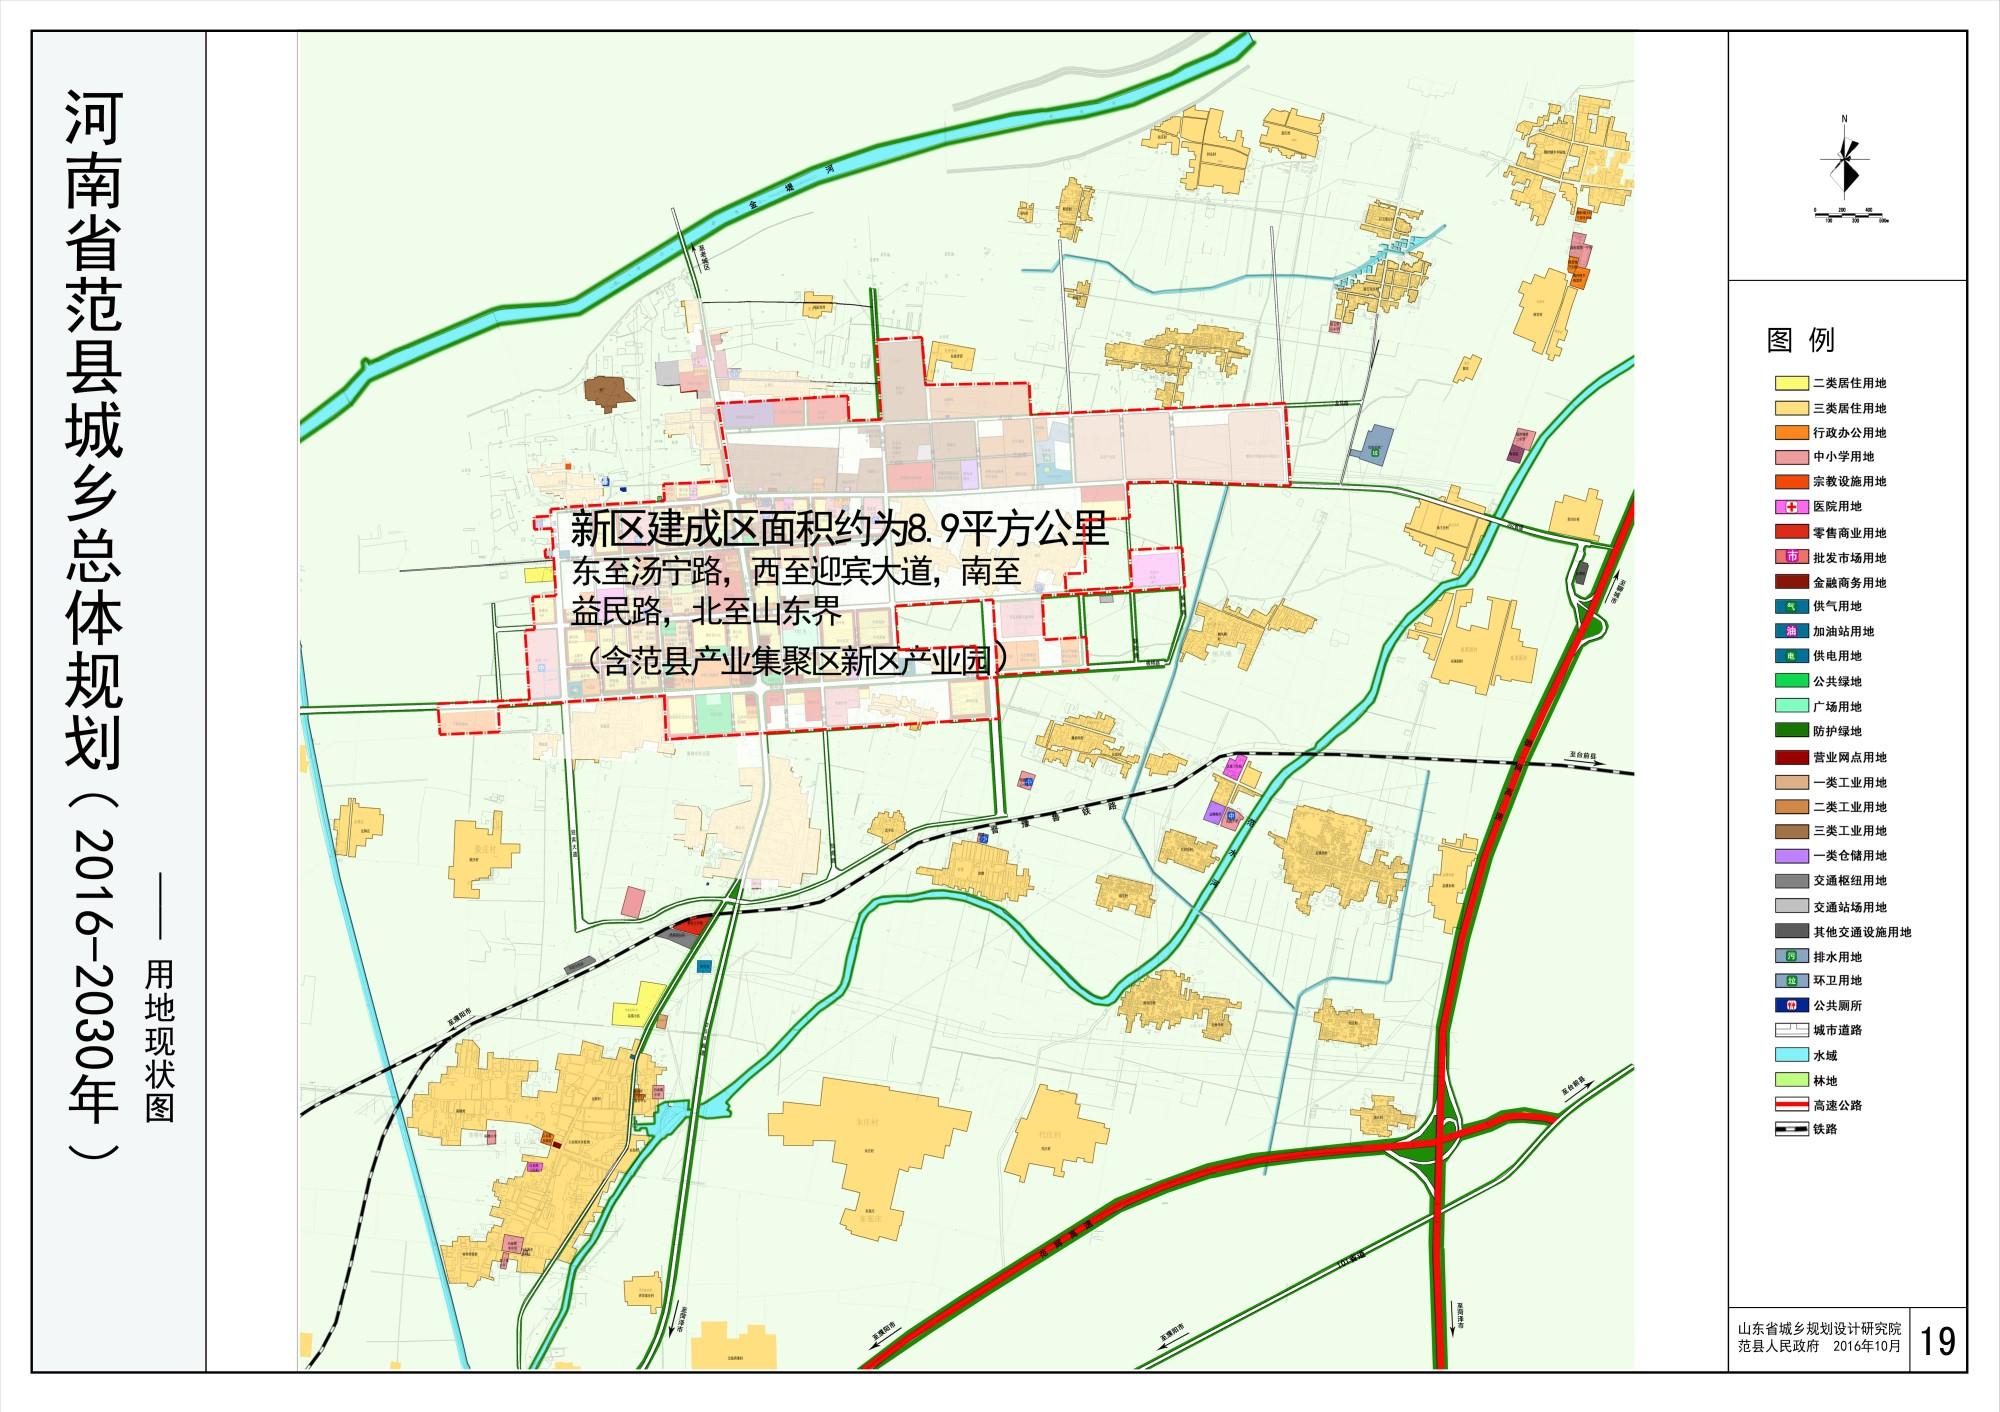 河南省范县城乡总体规划 2016 2030 用地现状图